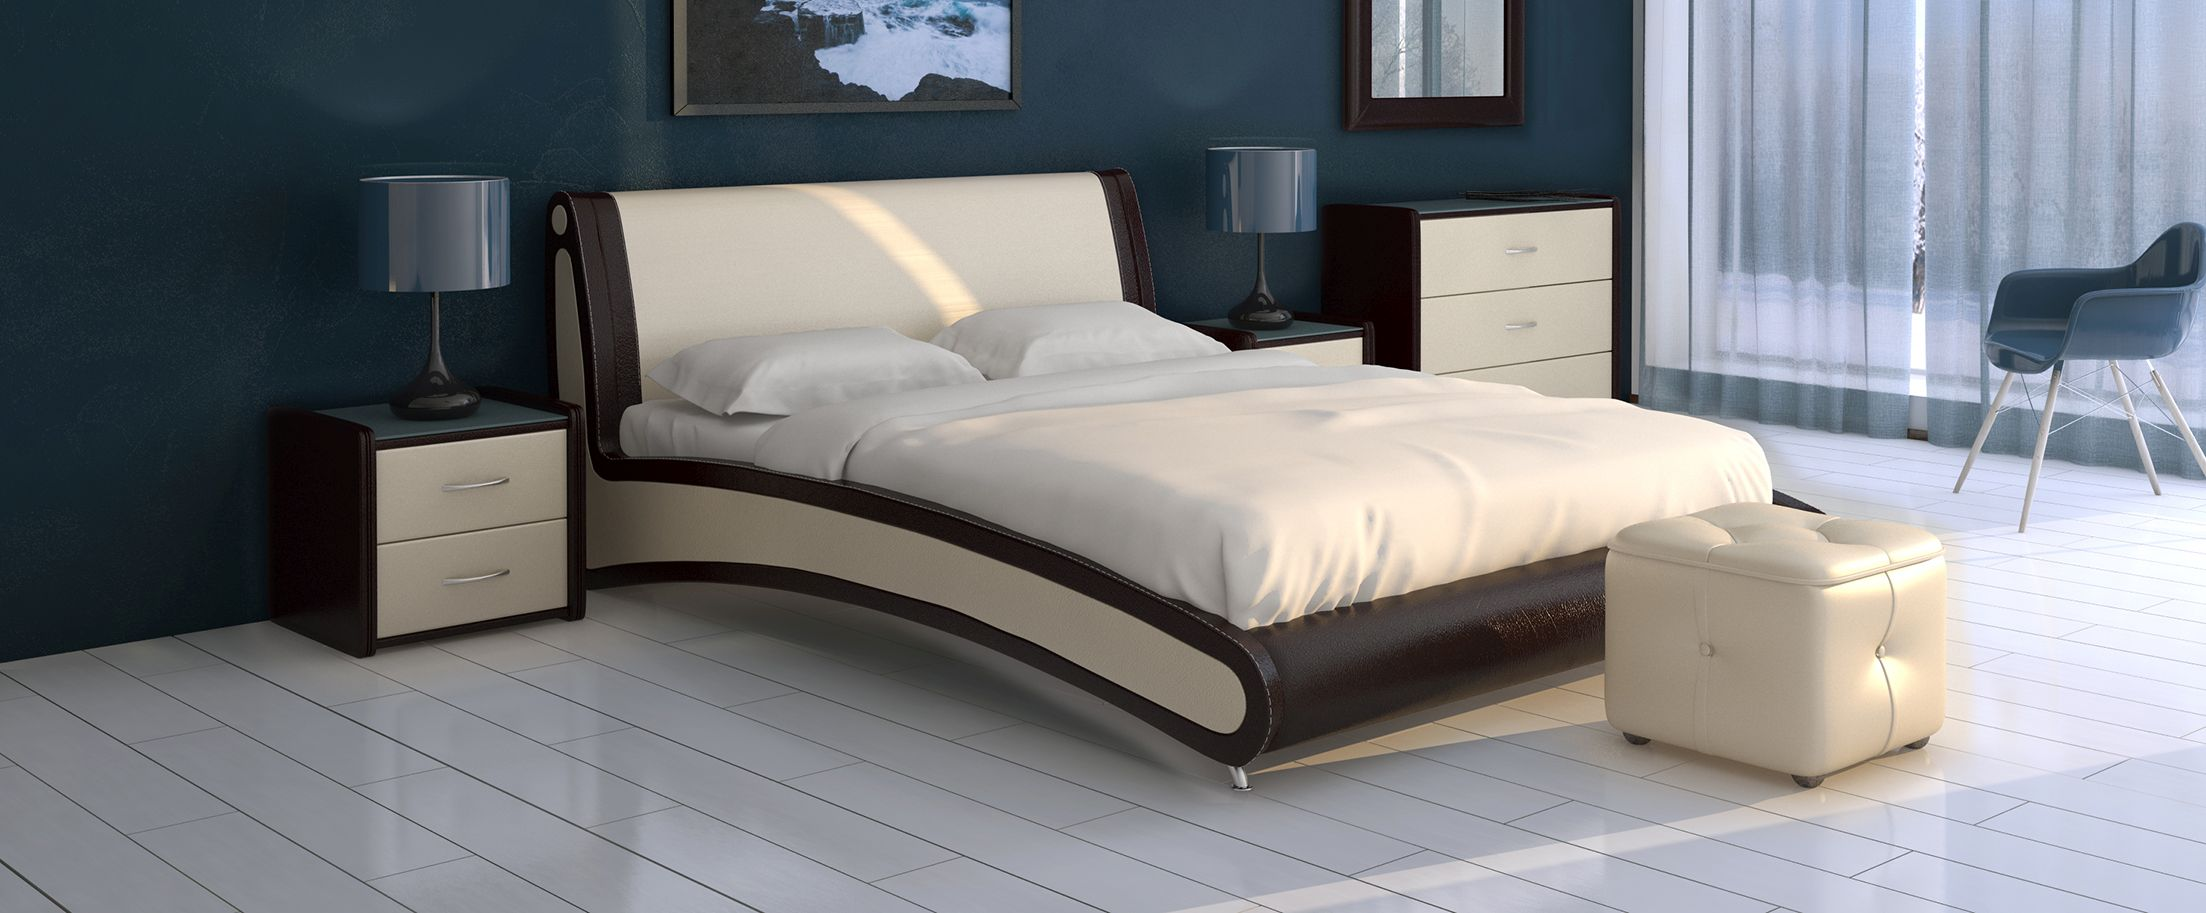 Кровать двуспальная Помпиду Модель 394Стильная двухцветная кровать необычной формы, несомненно, станет центром внимания вашей спальни. Задняя часть спинки выполнена из экокожи.<br><br>Ширина см: 193<br>Глубина см: 236<br>Высота см: 91<br>Ширина спального места см: 180<br>Глубина спального места см: 200<br>Встроенное основание: Есть<br>Материал каркаса: ДСП<br>Материал обивки: Экокожа<br>Подъемный механизм: Нет<br>Цвет: Бежевый, Коричневый<br>Код ткани: Суфле, Пралине